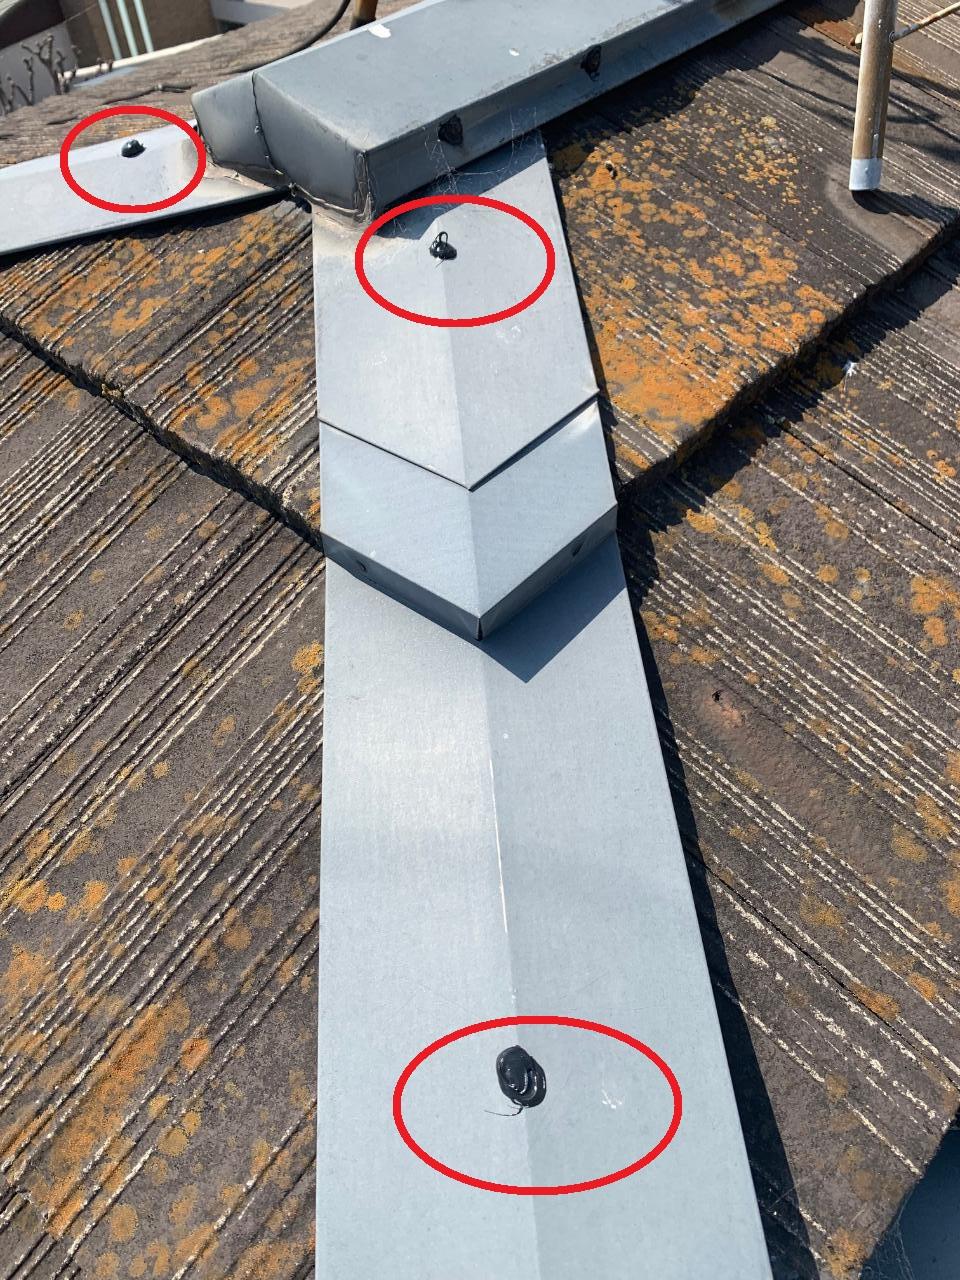 明石市での瓦屋根修理で棟固定釘にコーキングした様子